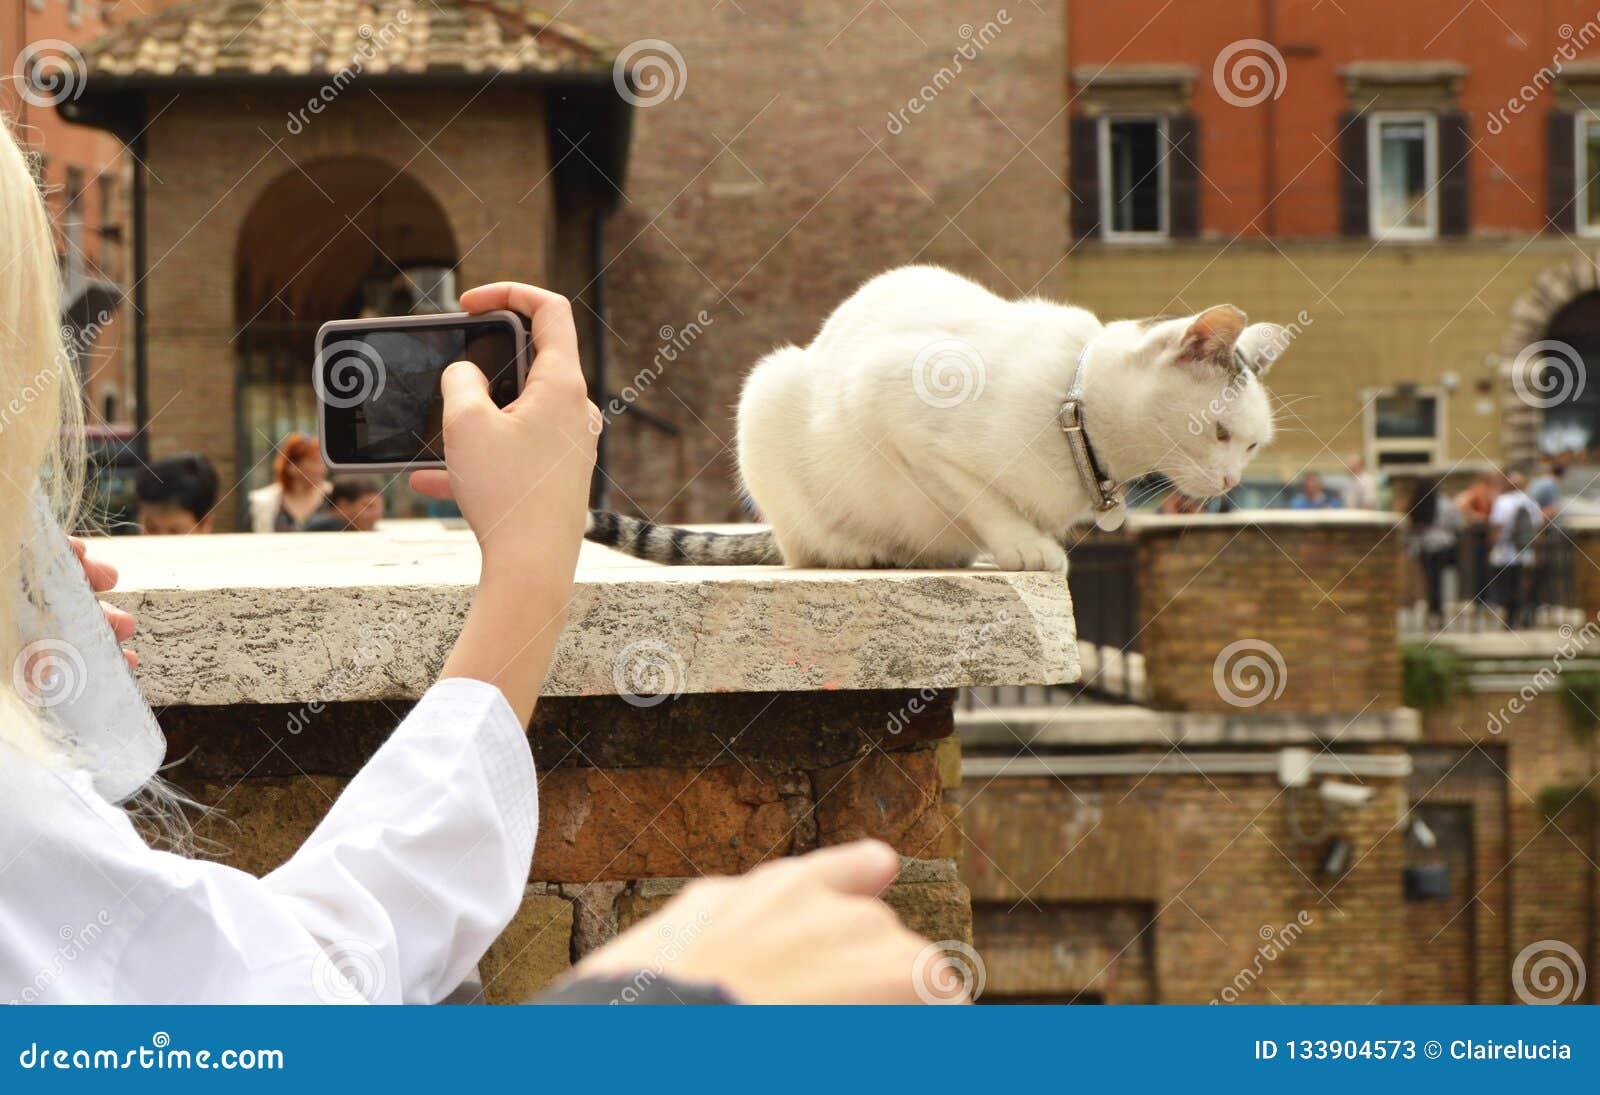 Ρώμη, Ιταλία 7 Οκτωβρίου 2018: κορίτσι που παίρνει τις εικόνες στη χαριτωμένη άσπρη συνεδρίαση γατών smartphone της Plaza Largo D